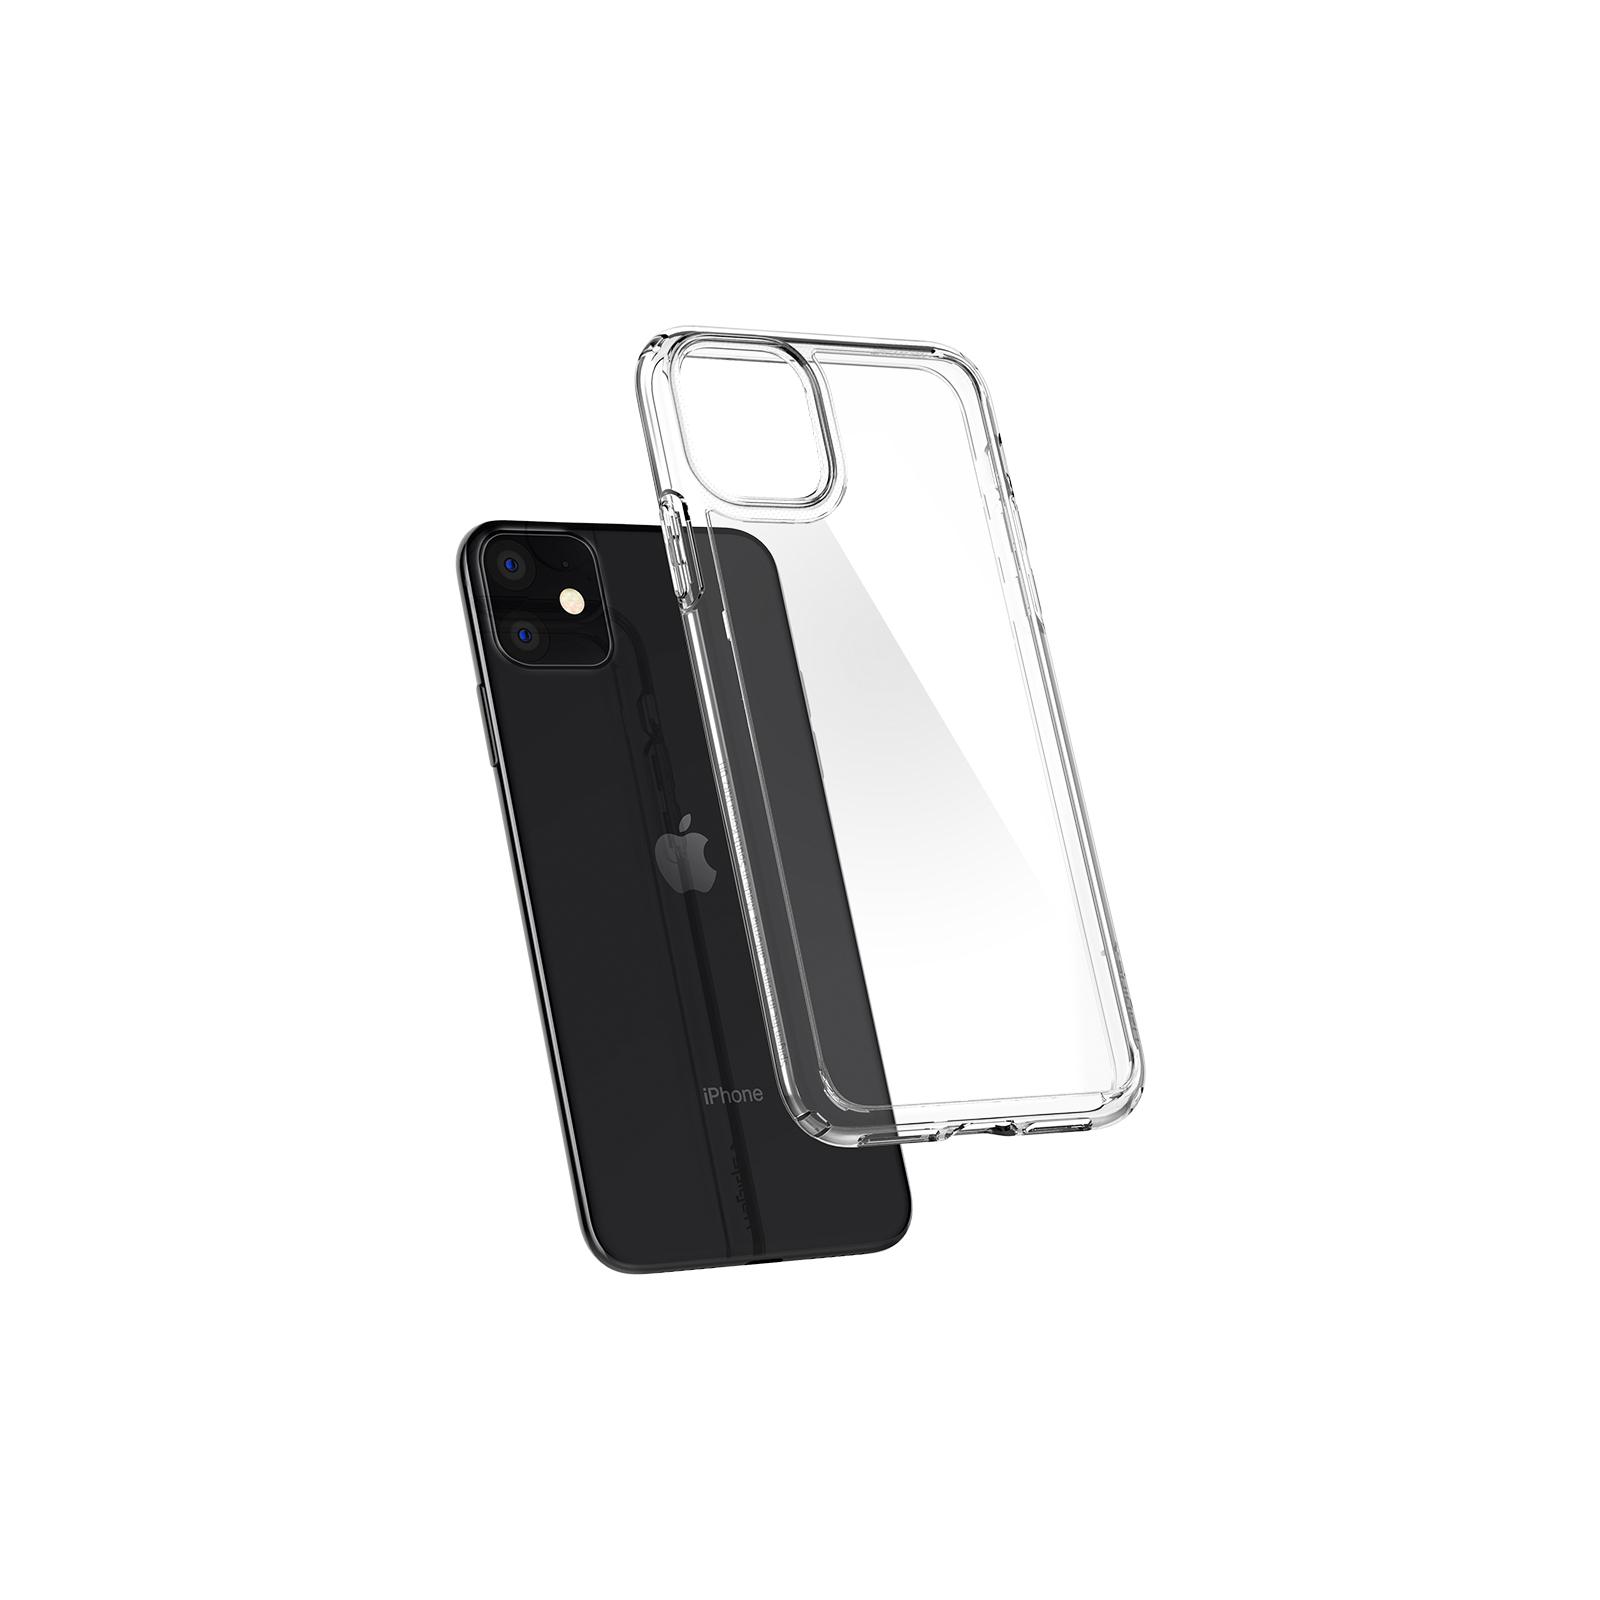 Чехол для моб. телефона Spigen iPhone 11 Crystal Hybrid, Crystal Clear (076CS27086) изображение 4